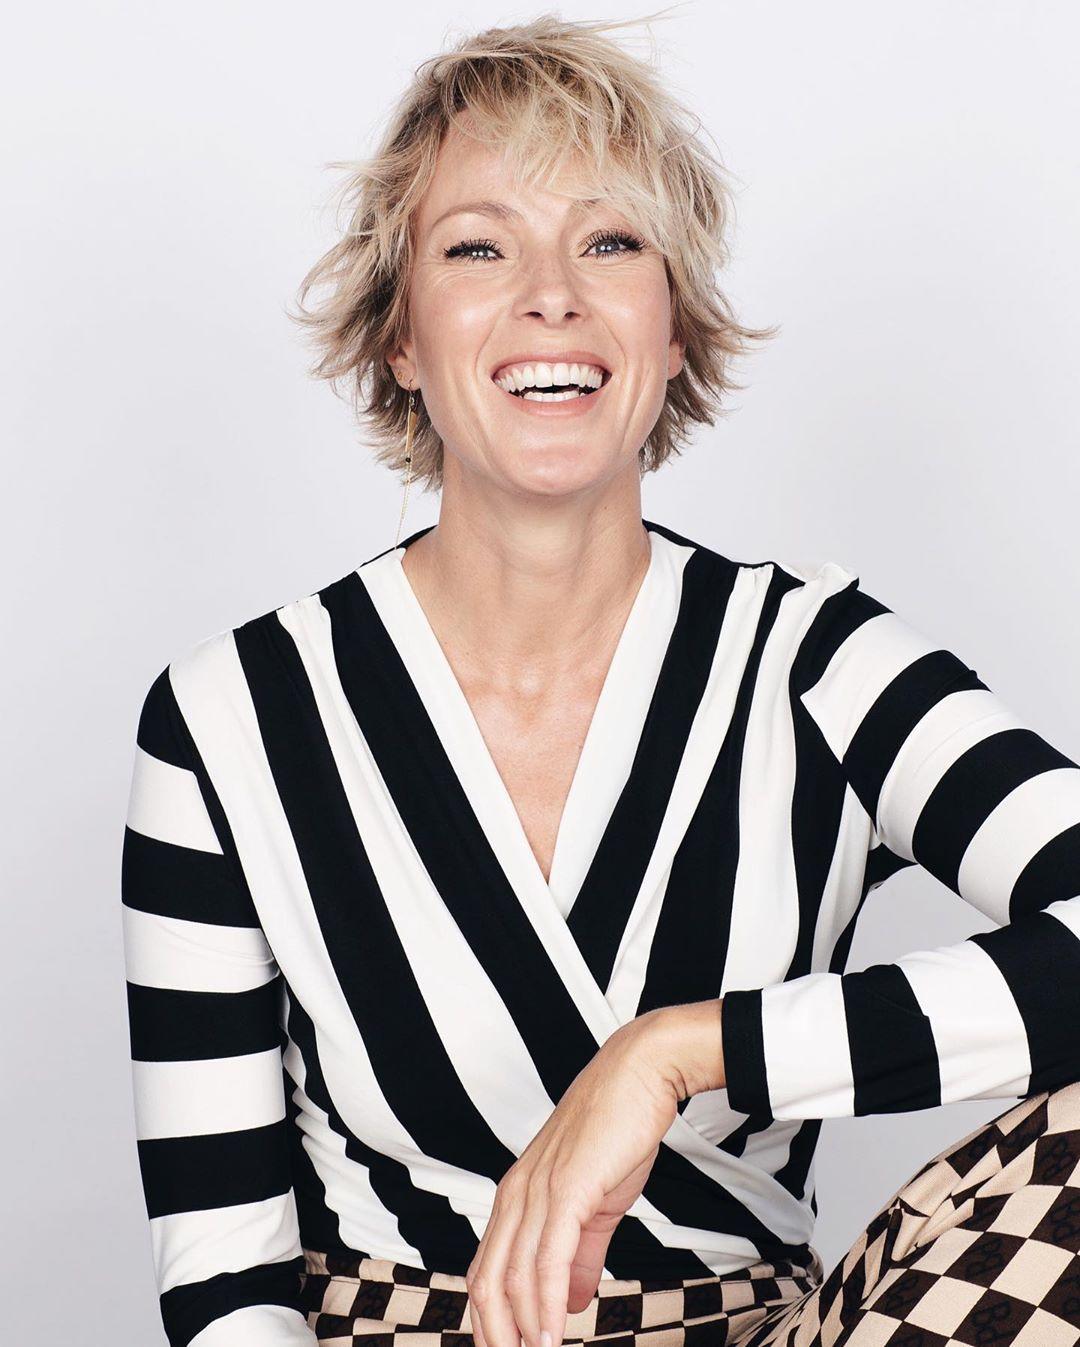 модные стрижки на короткие волосы для женщин 40 лет фото 6